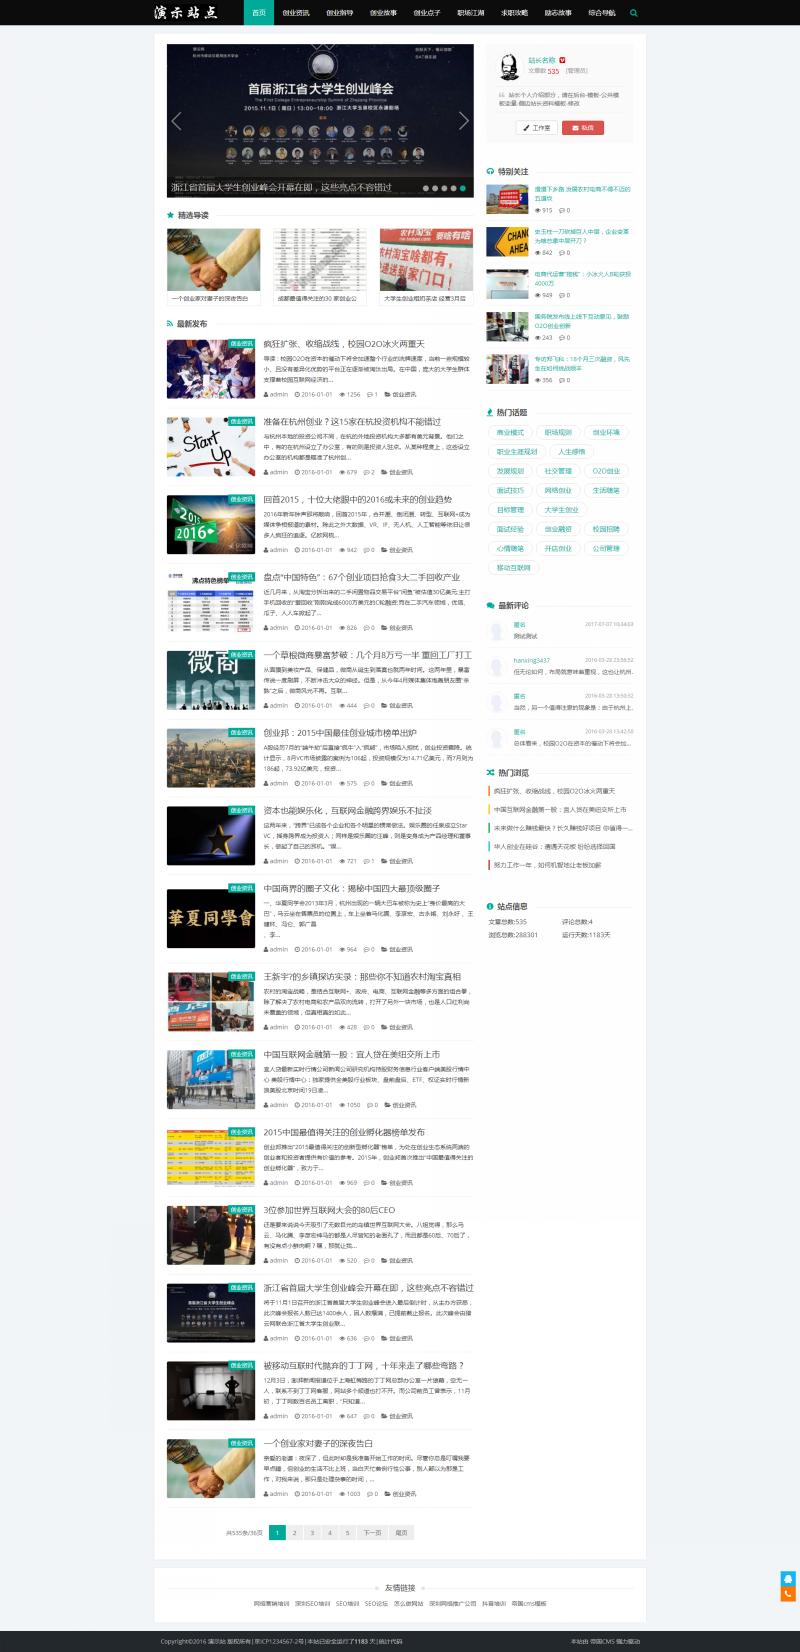 网站首页.jpg [DG-019]帝国CMS个人博客新闻资讯网站源码自适应博客HTML5响应式手机 博客文章 第1张